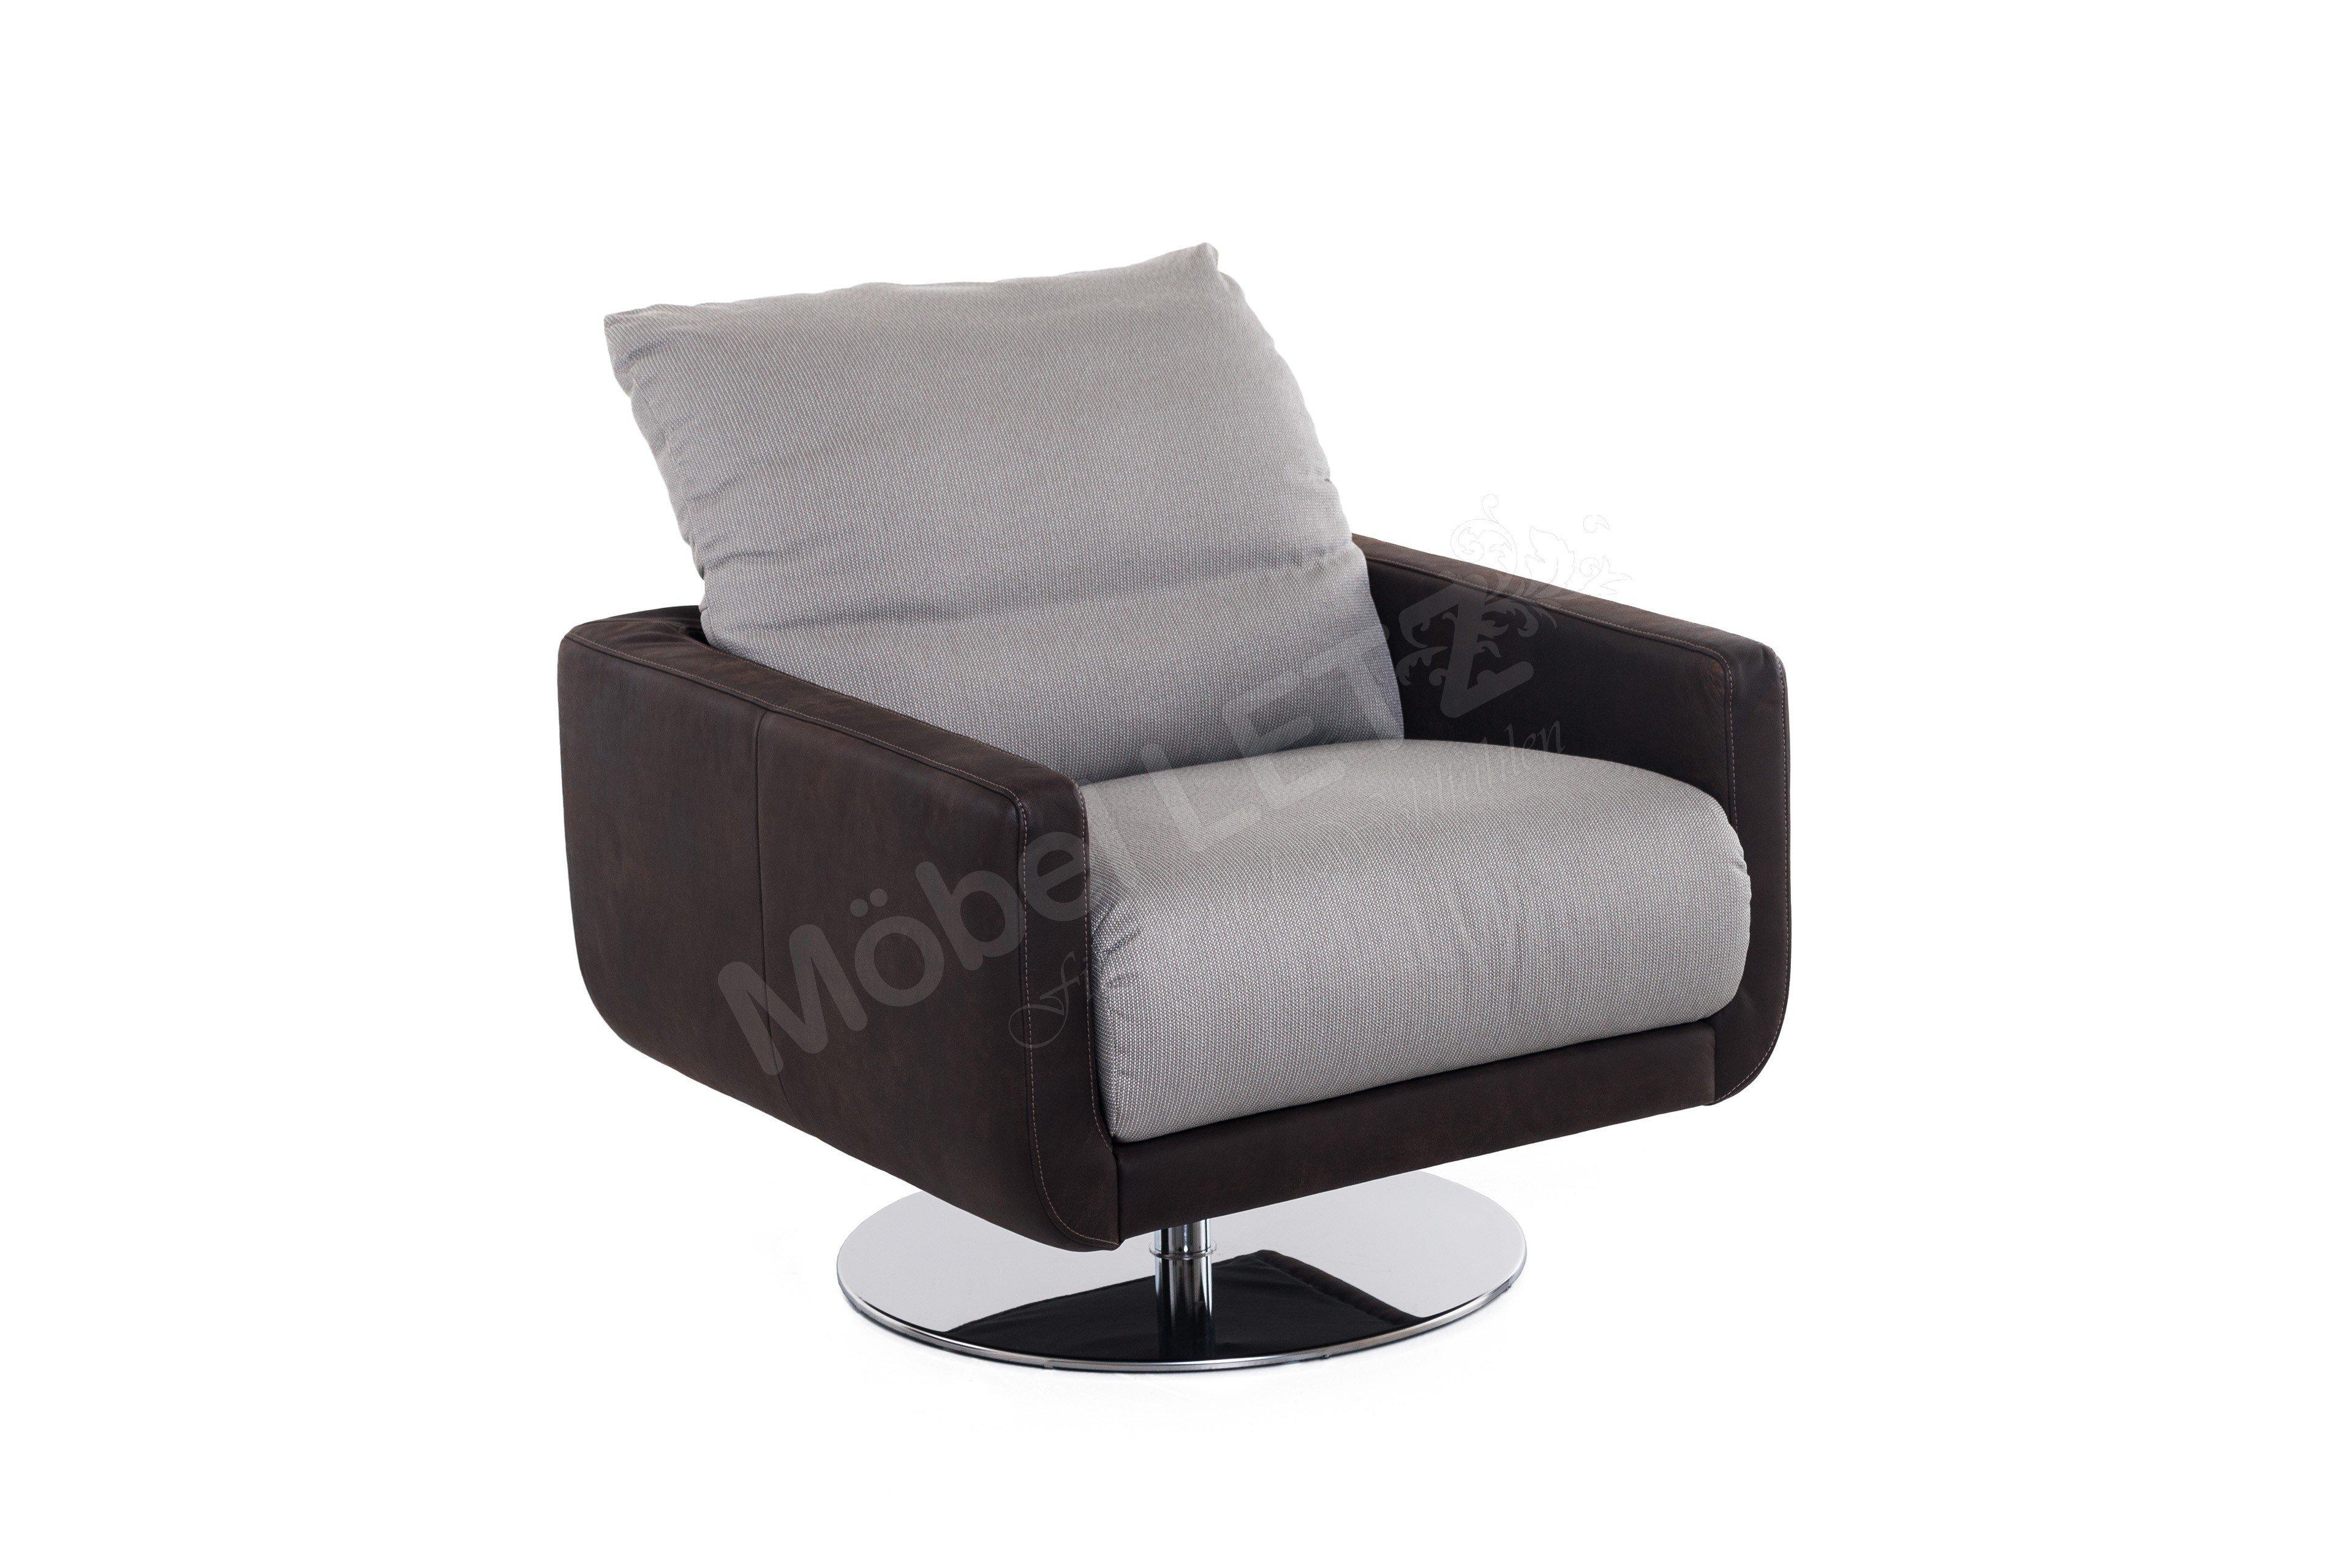 willi schillig 29600 mademoiselle drehsessel braun grau m bel letz ihr online shop. Black Bedroom Furniture Sets. Home Design Ideas